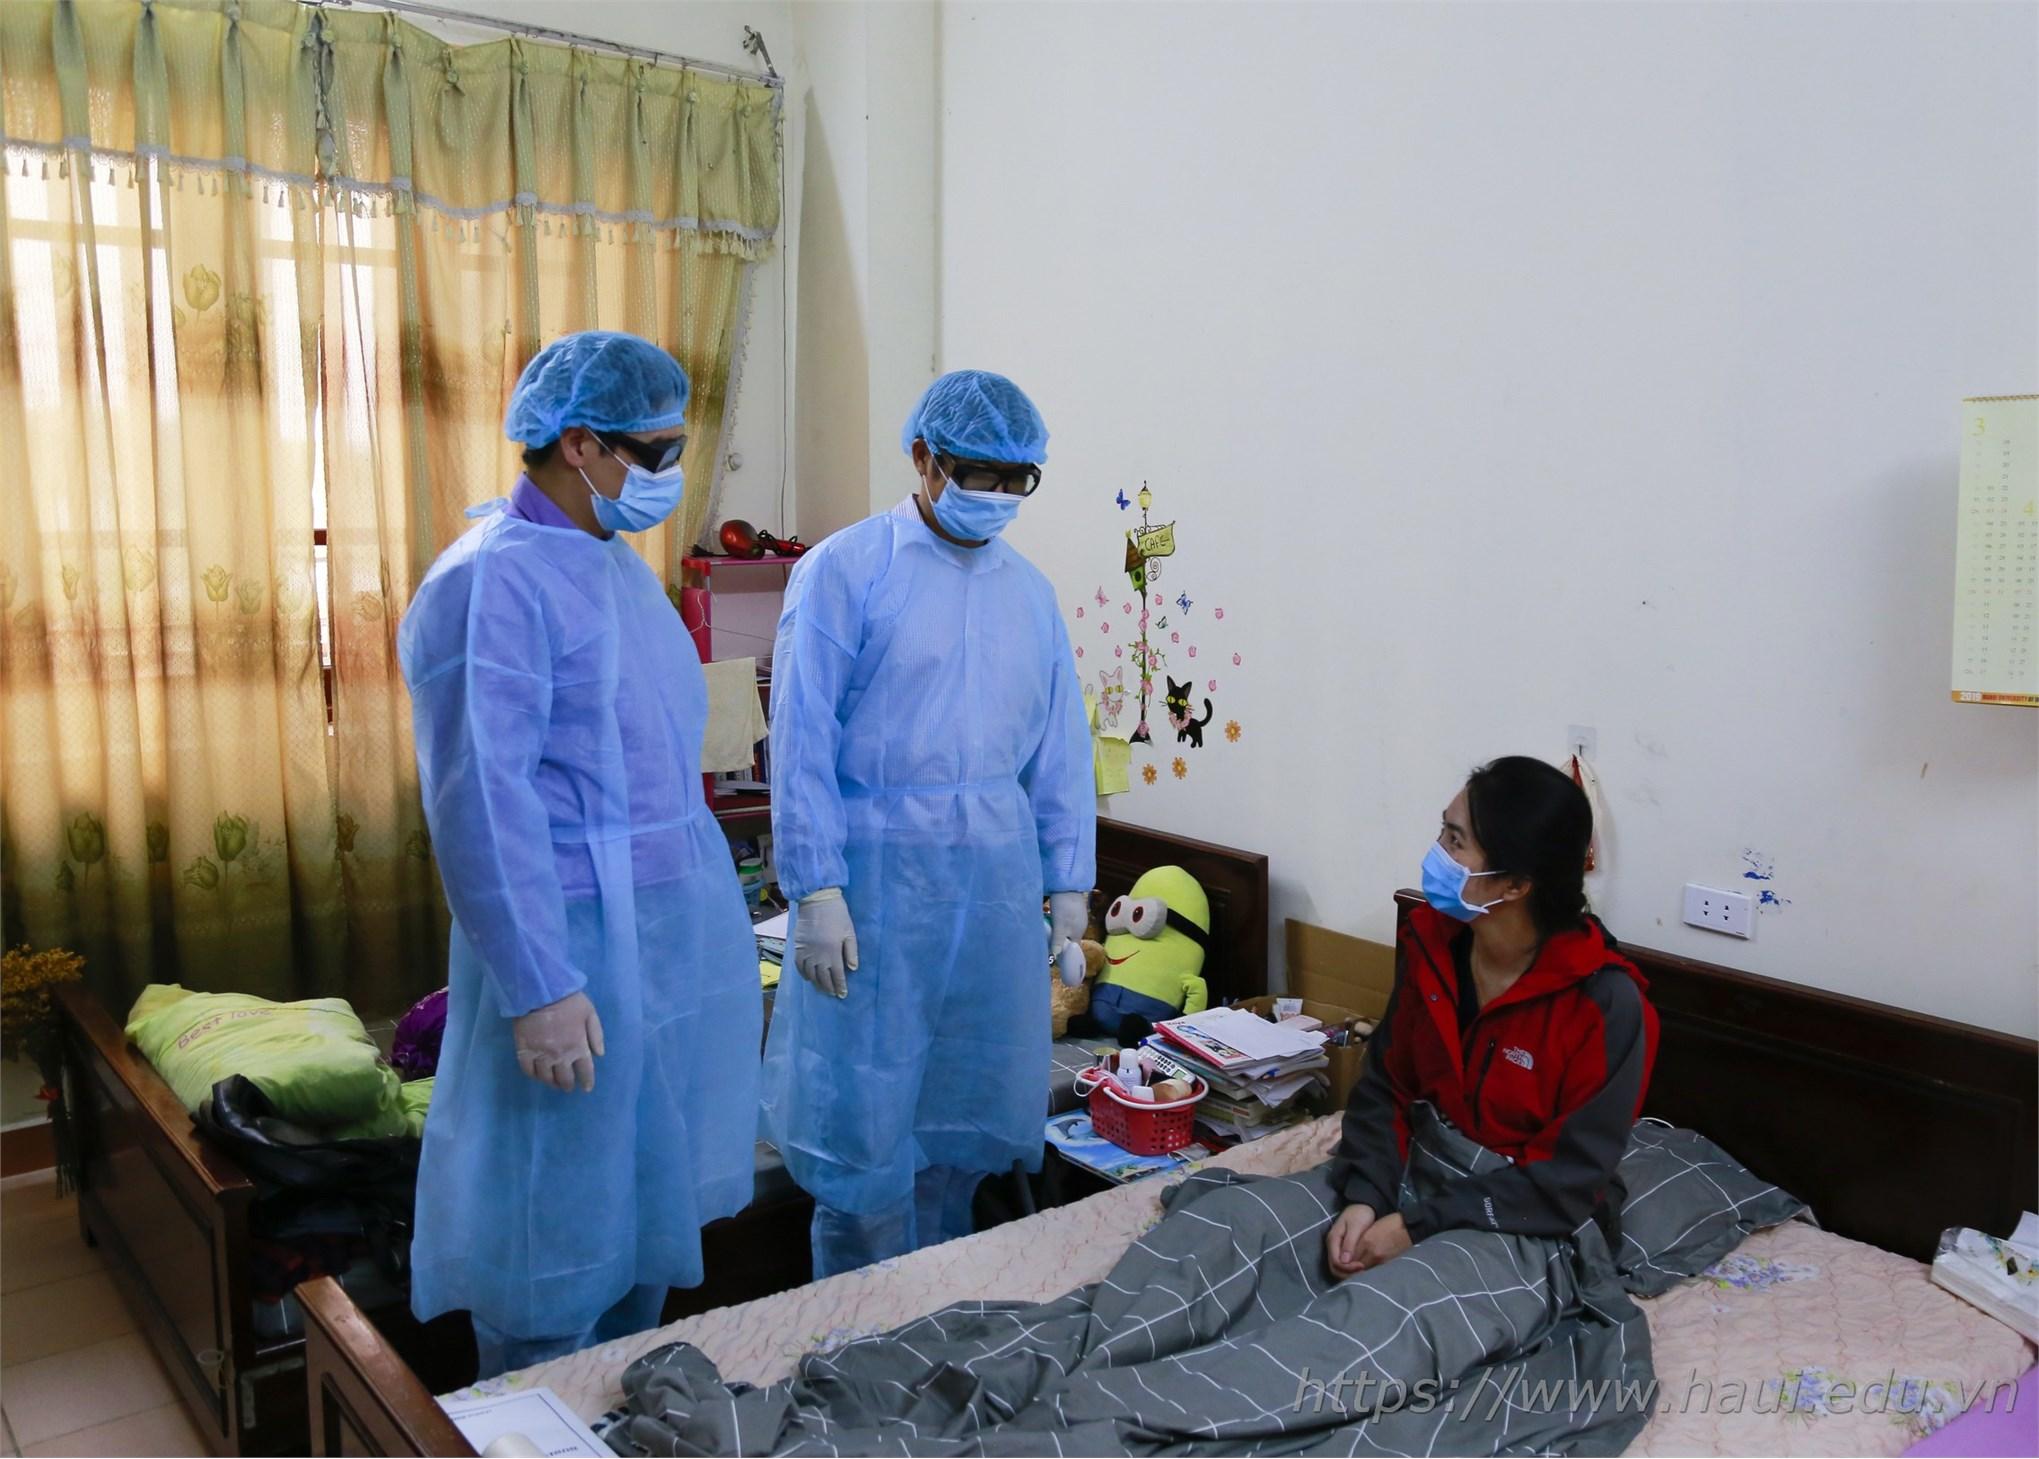 Đại học Công nghiệp Hà Nội diễn tập phòng chống dịch COVID-19